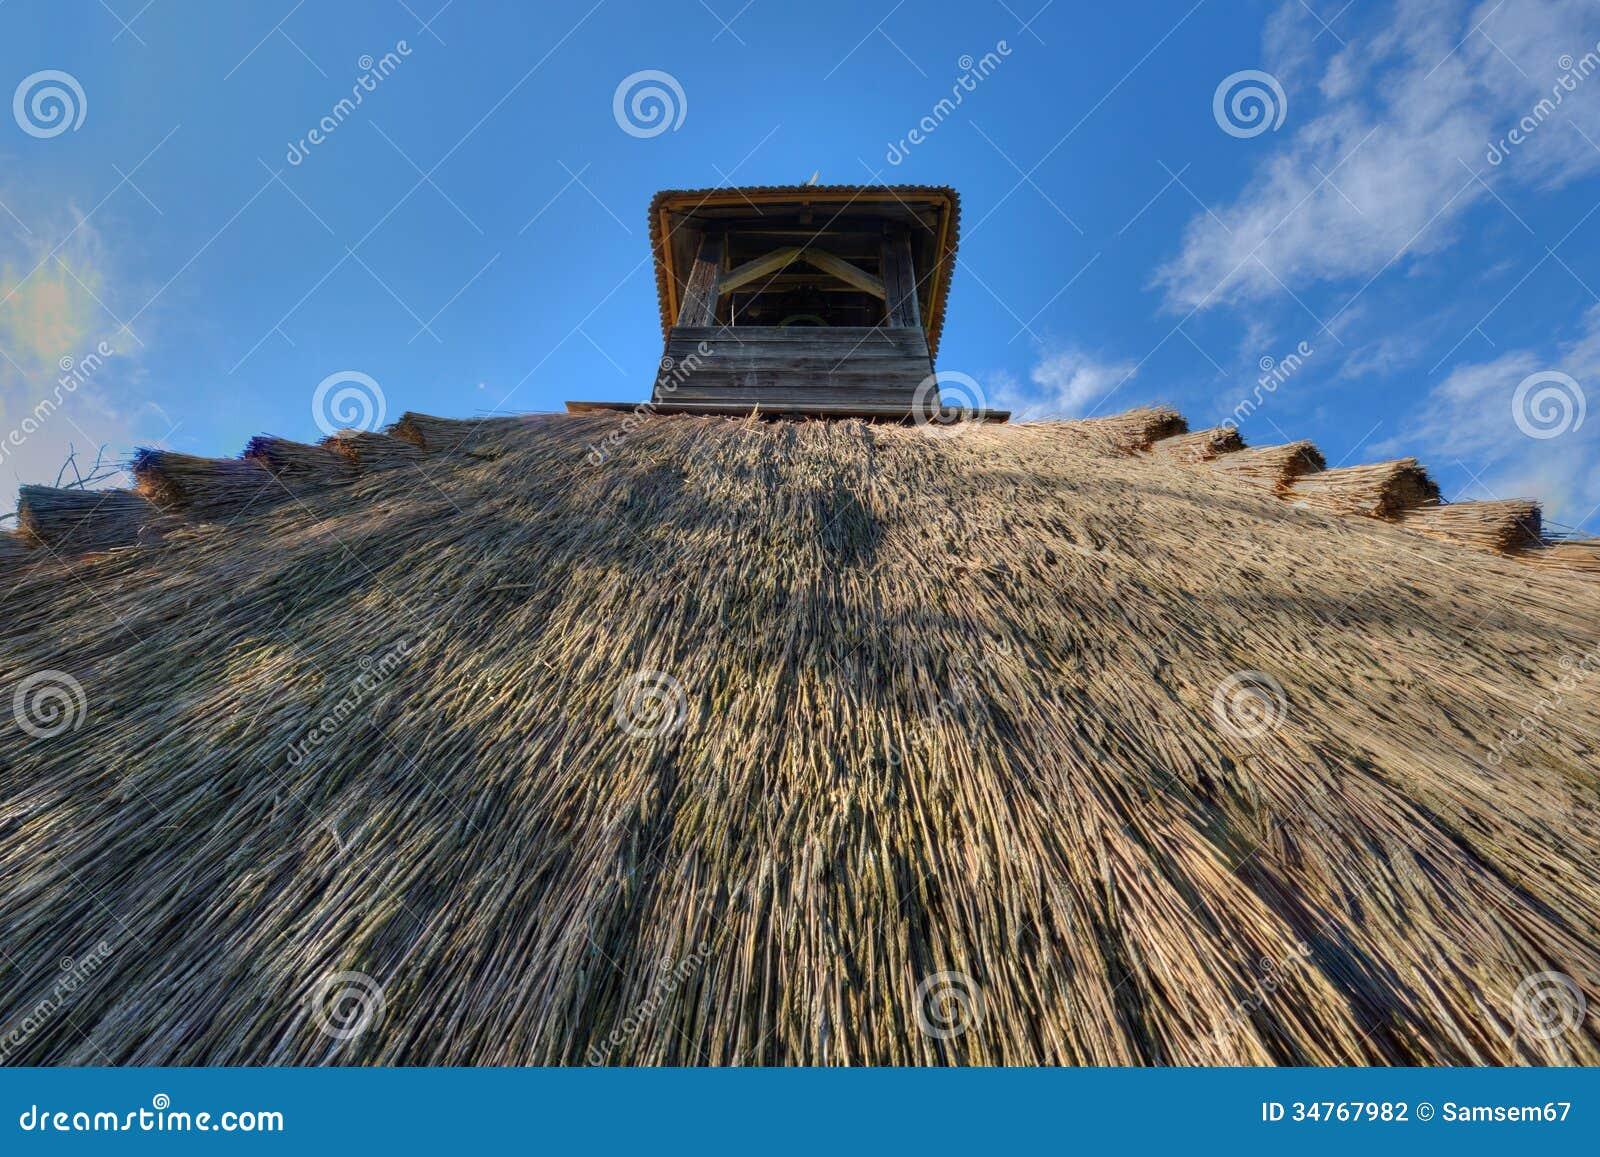 芦苇茅草屋顶细节